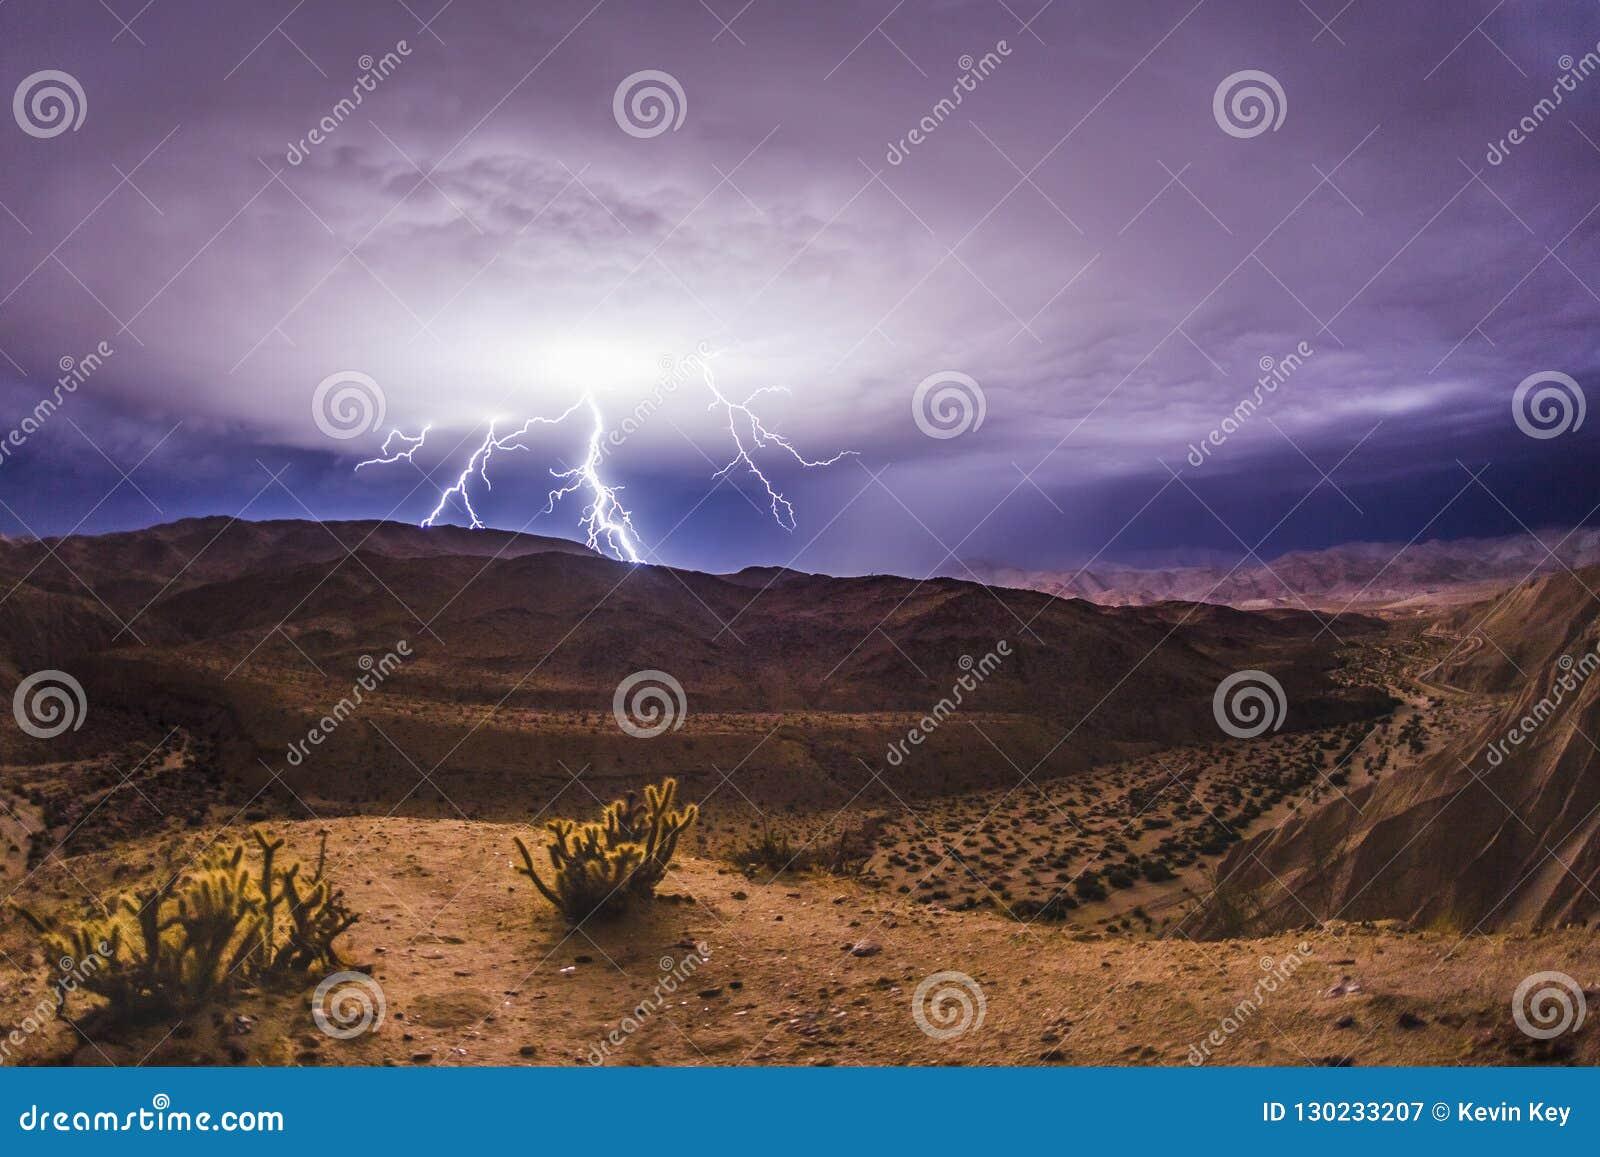 Επική αστραπή και καταιγίδα στην έρημο νότιας Καλιφόρνιας